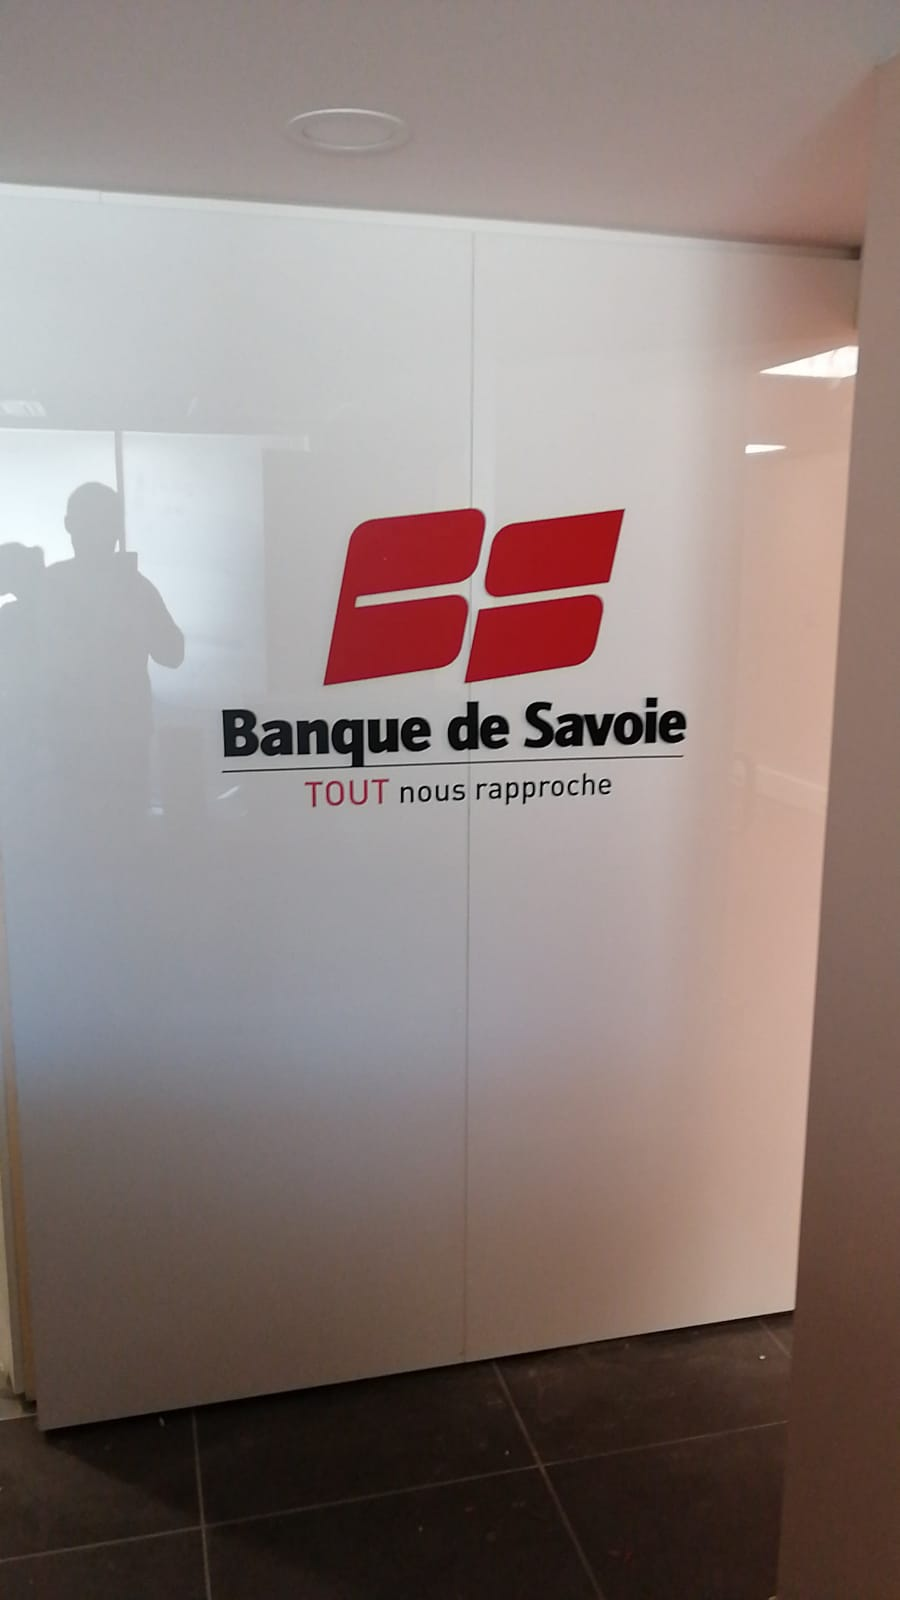 BANQUE DE SAVOIE (13)